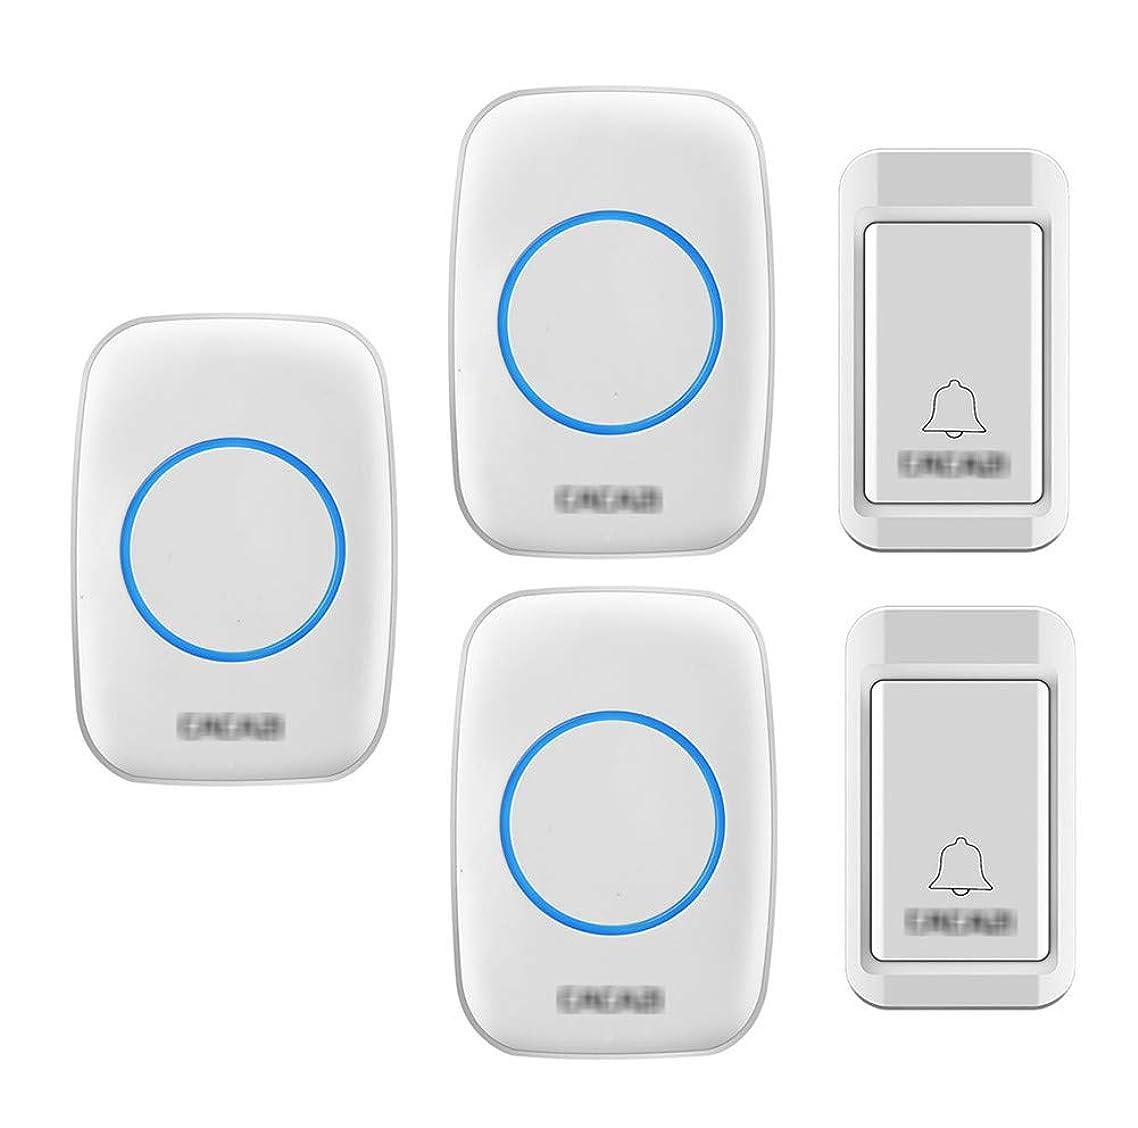 大腿バイバイ言語セルフパワーワイヤレスドアベル、IP44防水ドアチャイムキット1つの送信機および3つの受信機 3レベルボリュームと36チャイムミュージカルドアベル,白